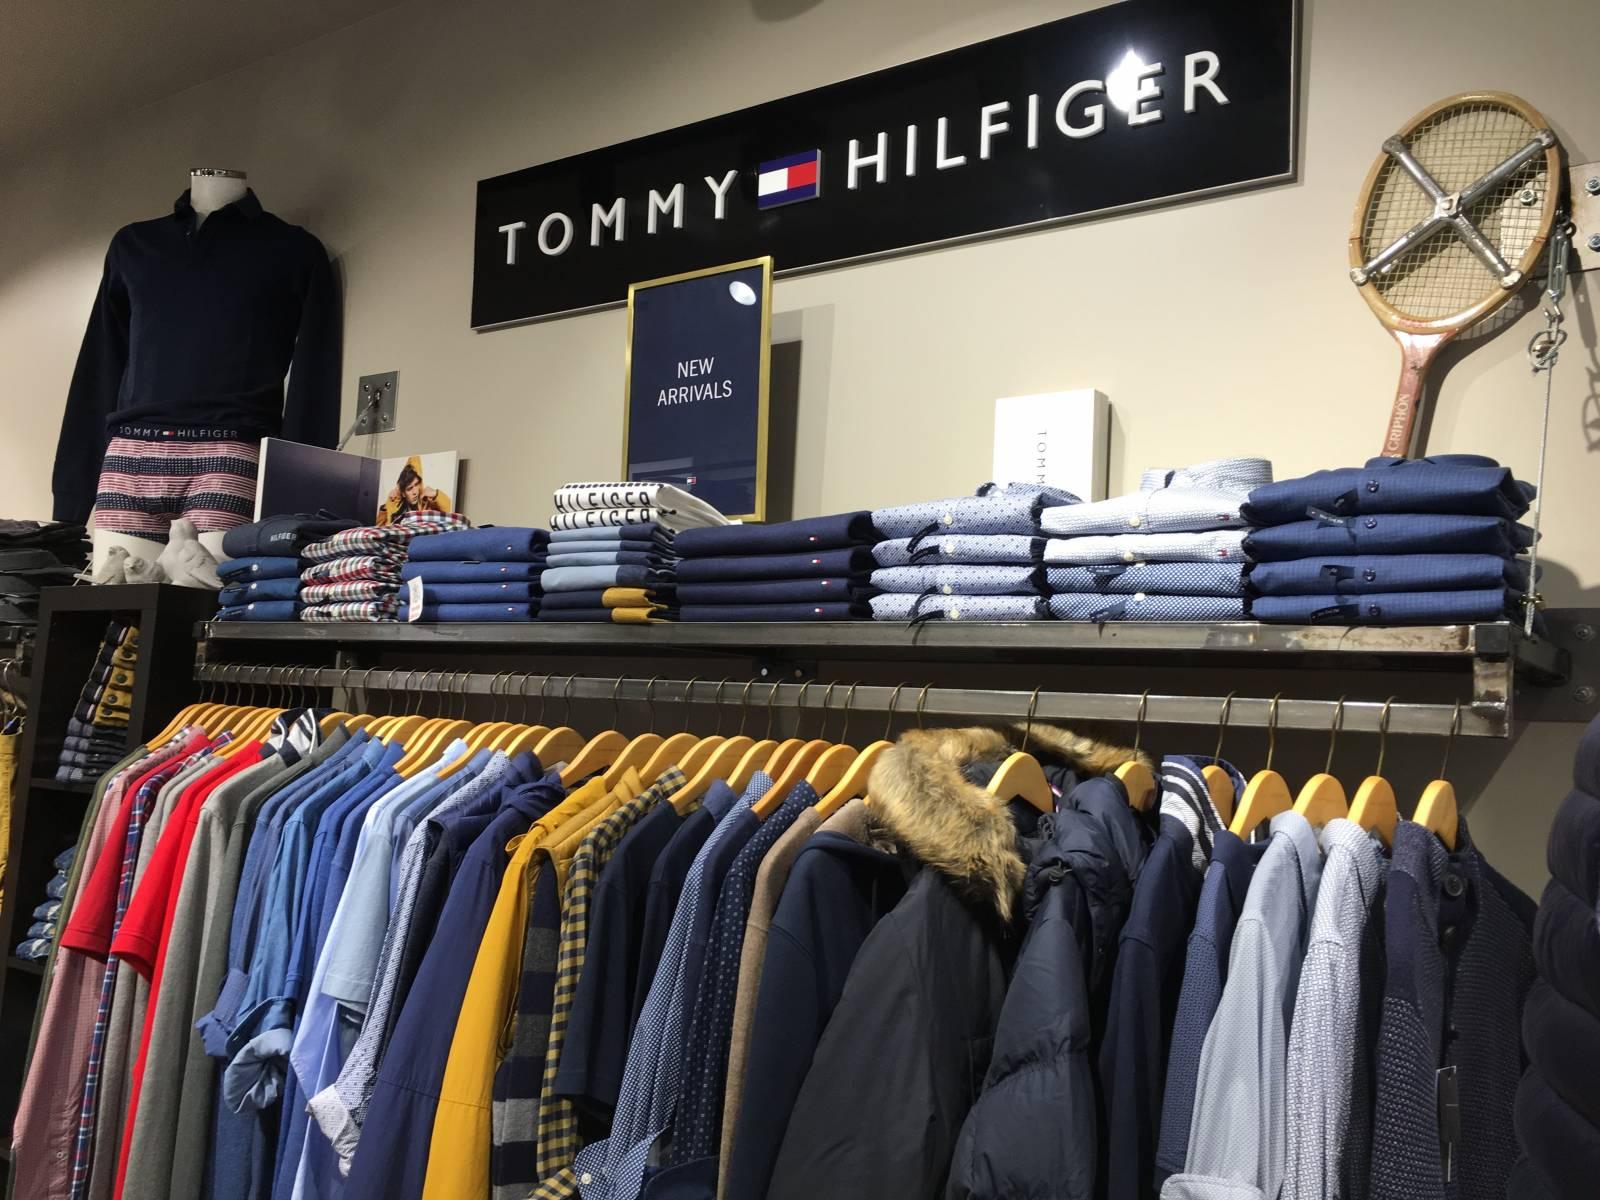 840549af793 Boutique de prêt à porter revendeur de la marque Tommy Hilfiger à Dieppe